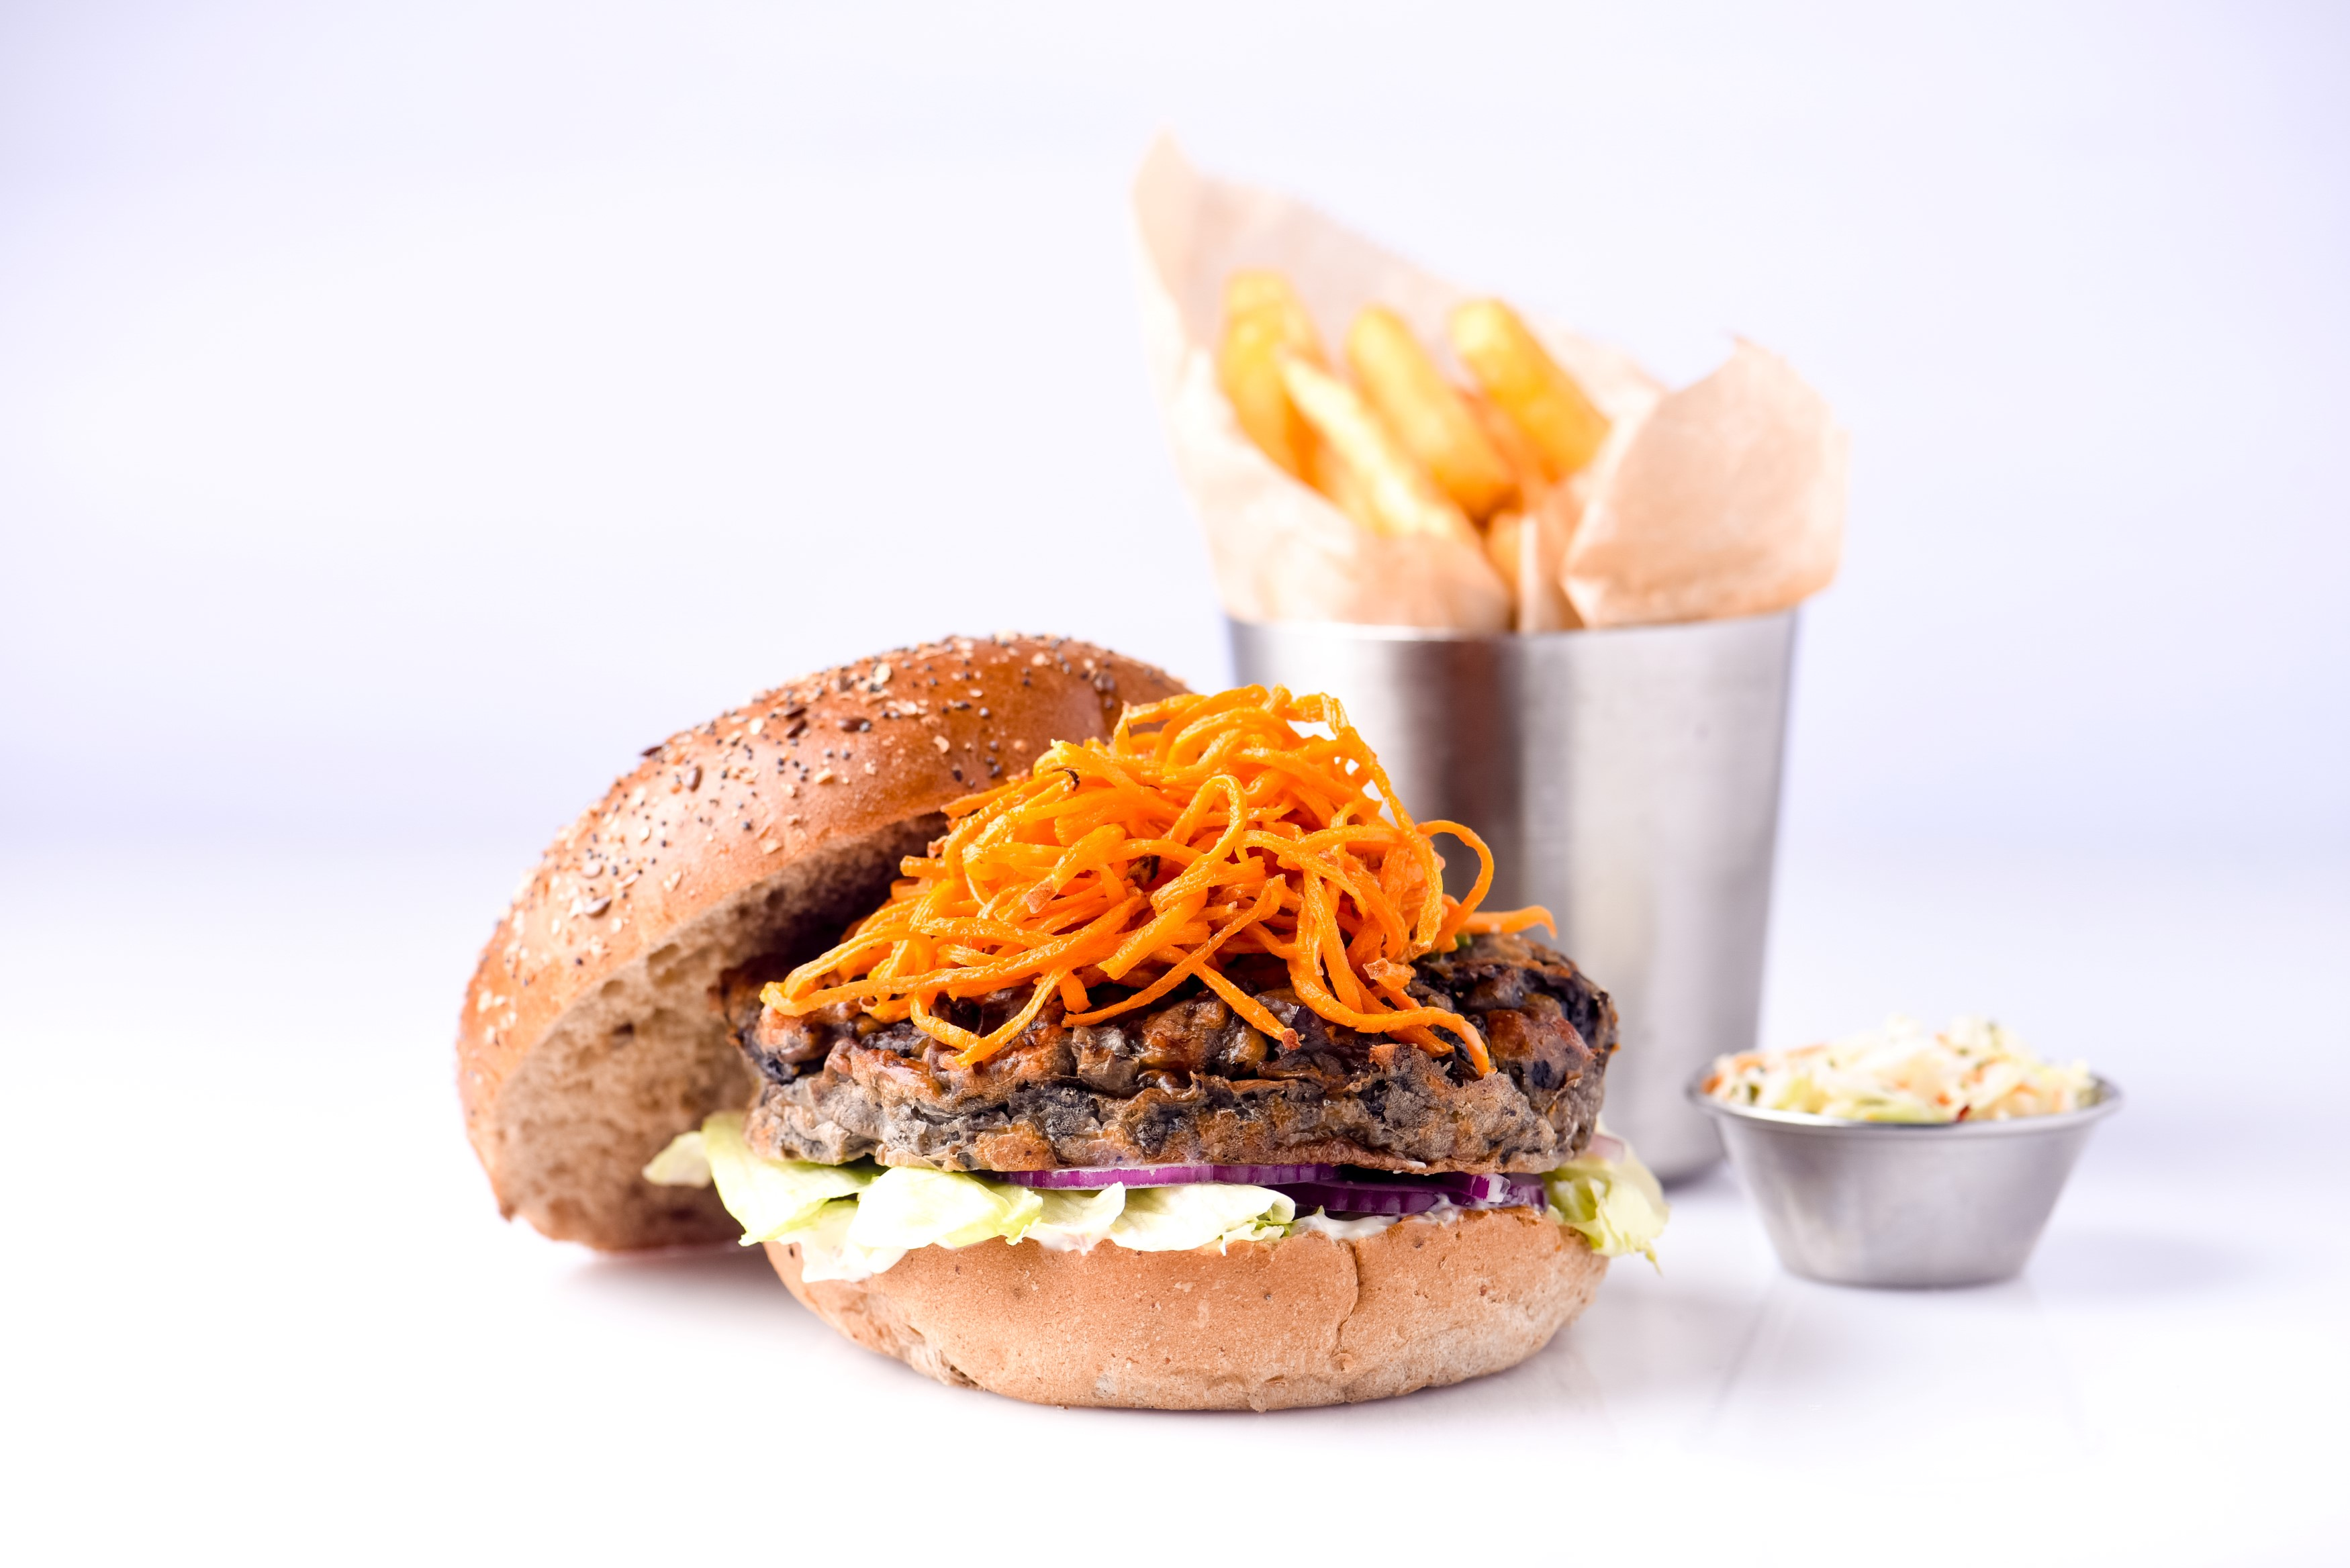 מתכון לשבועות  המבורגר חלומי עם פטריות בשילוב איולי כמהין